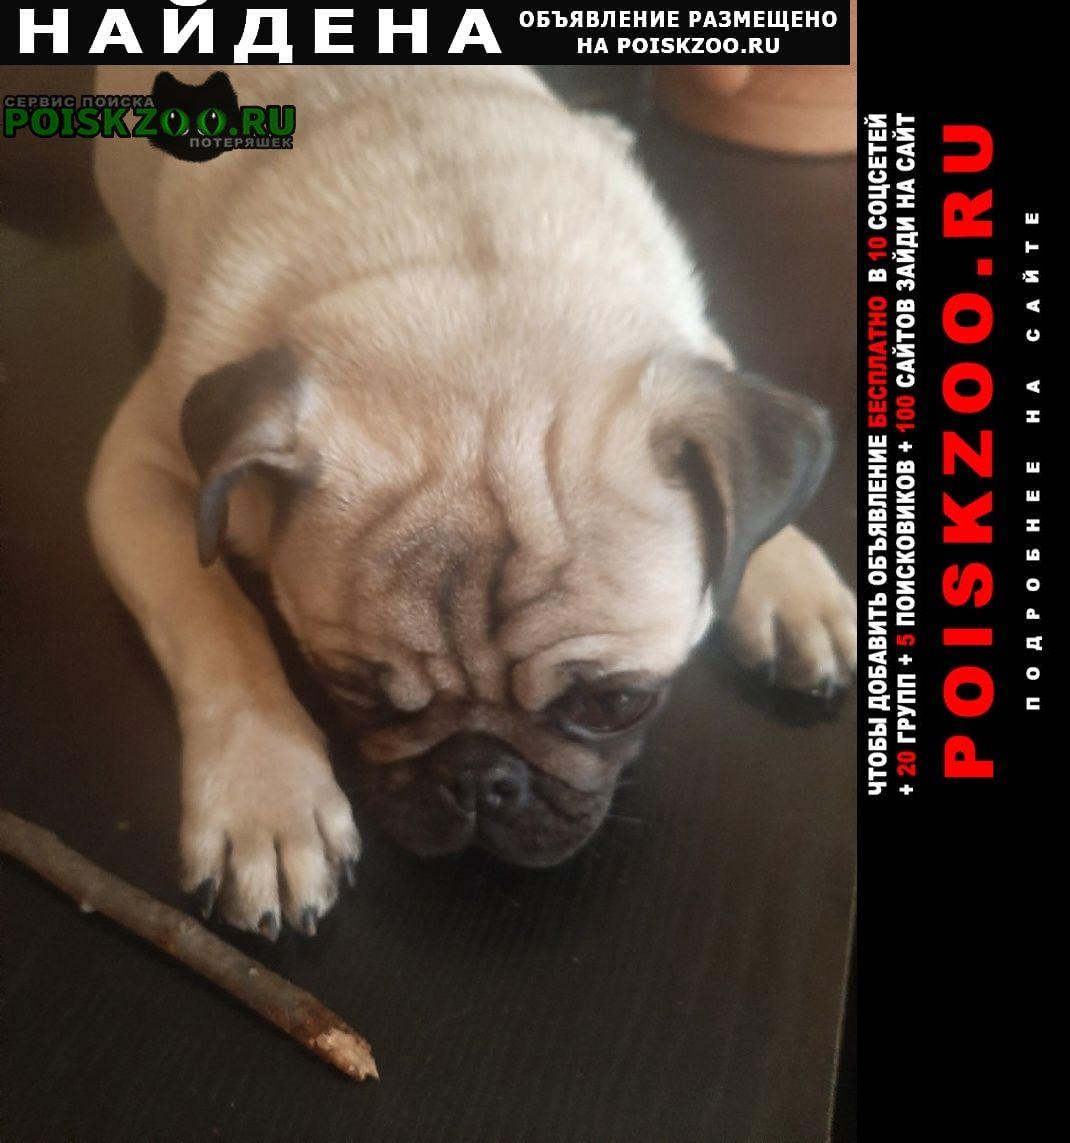 Найдена собака кобель мопс Симферополь